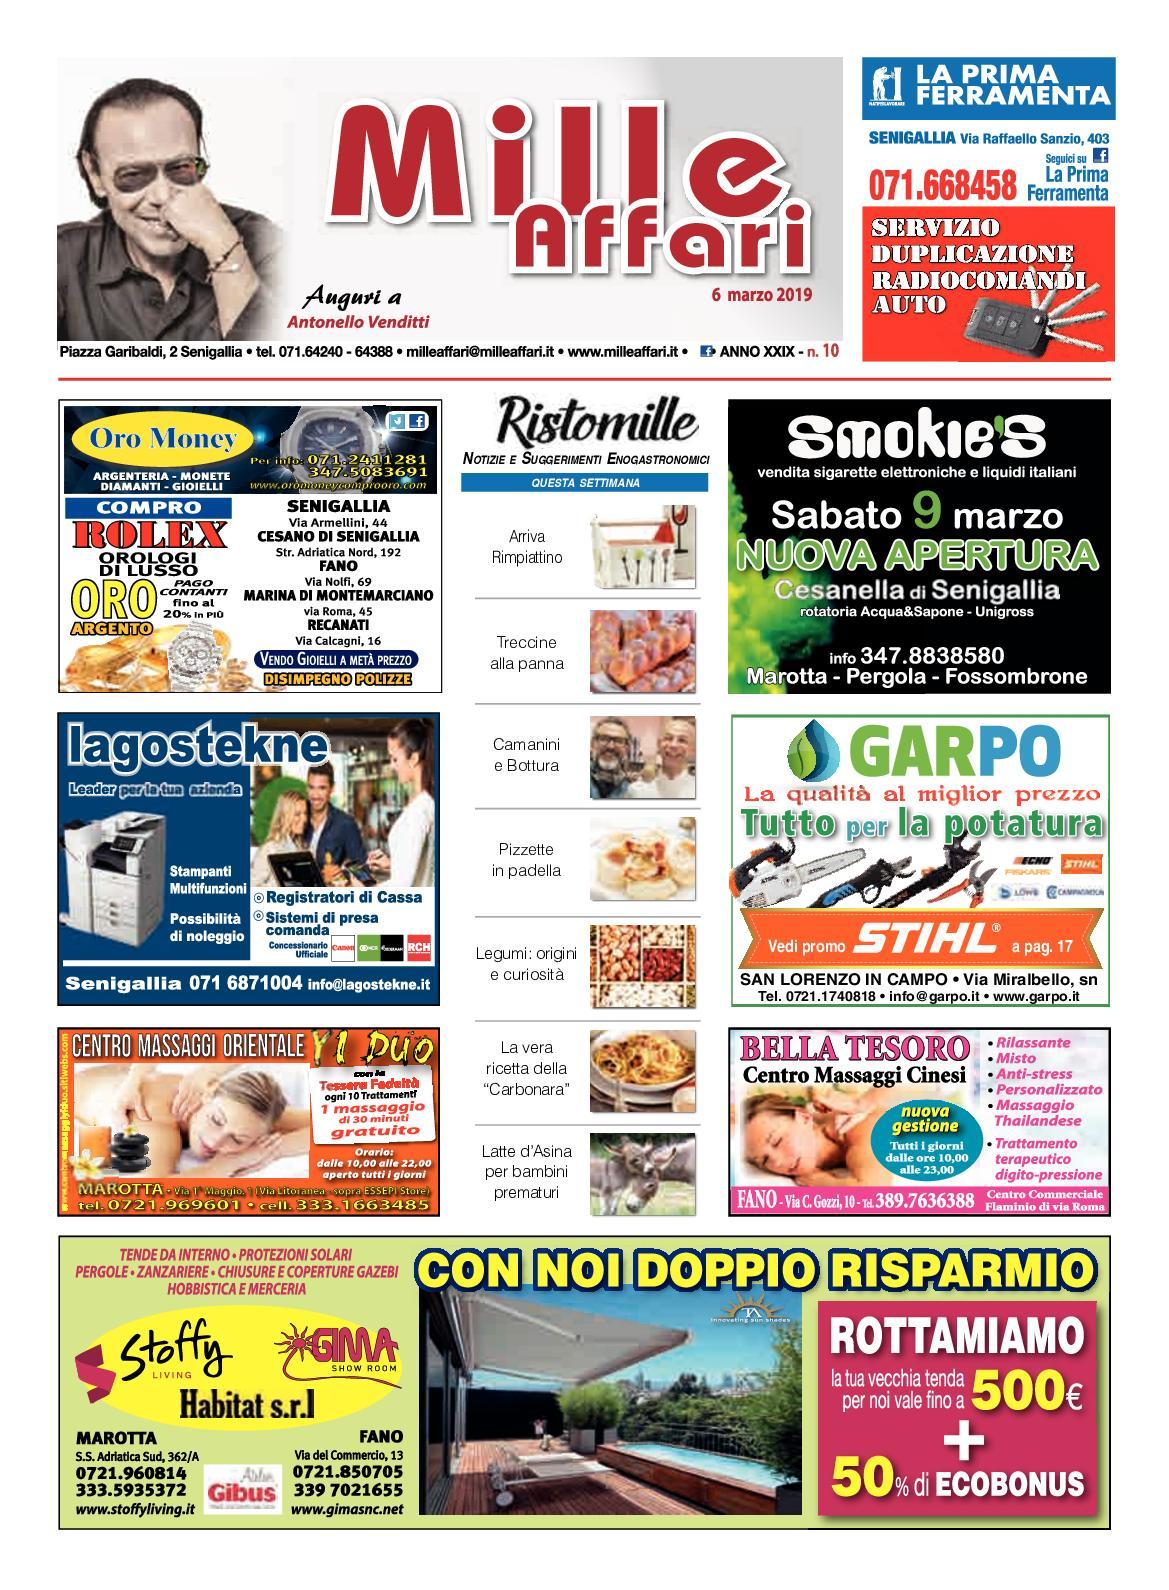 f7efa7a6f9 Calaméo - Milleaffari N° 10 Del 06 03 19